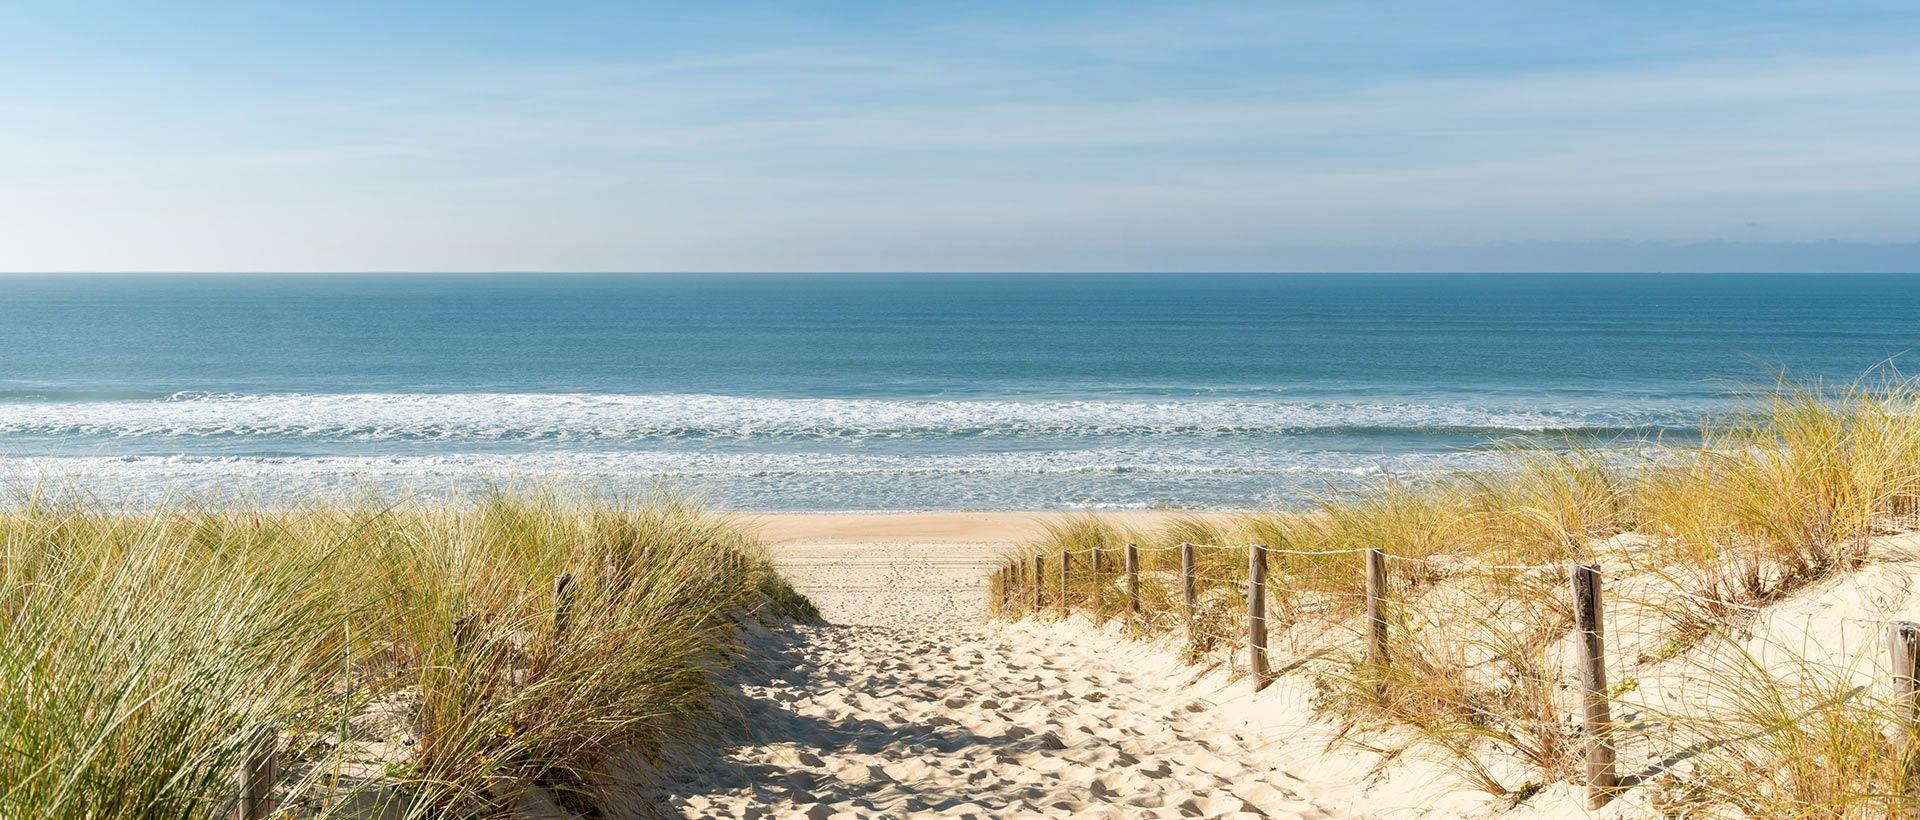 Descubra las mejores playas de la costa atlántica este verano